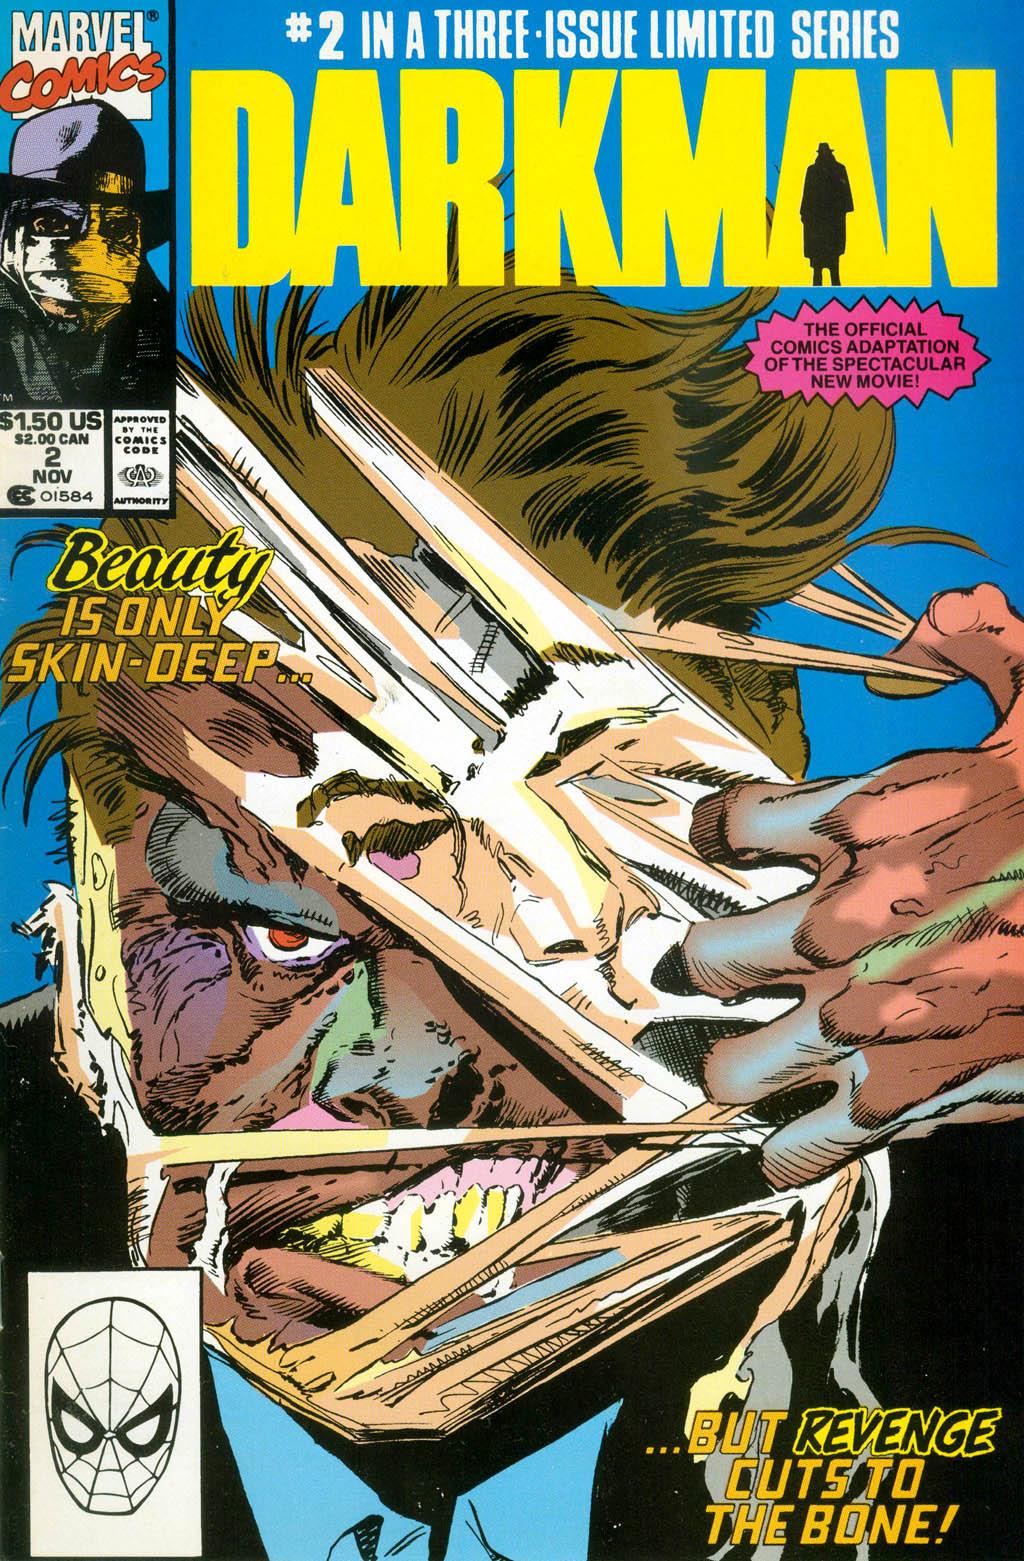 File:Darkman 1990 comic -2.jpg